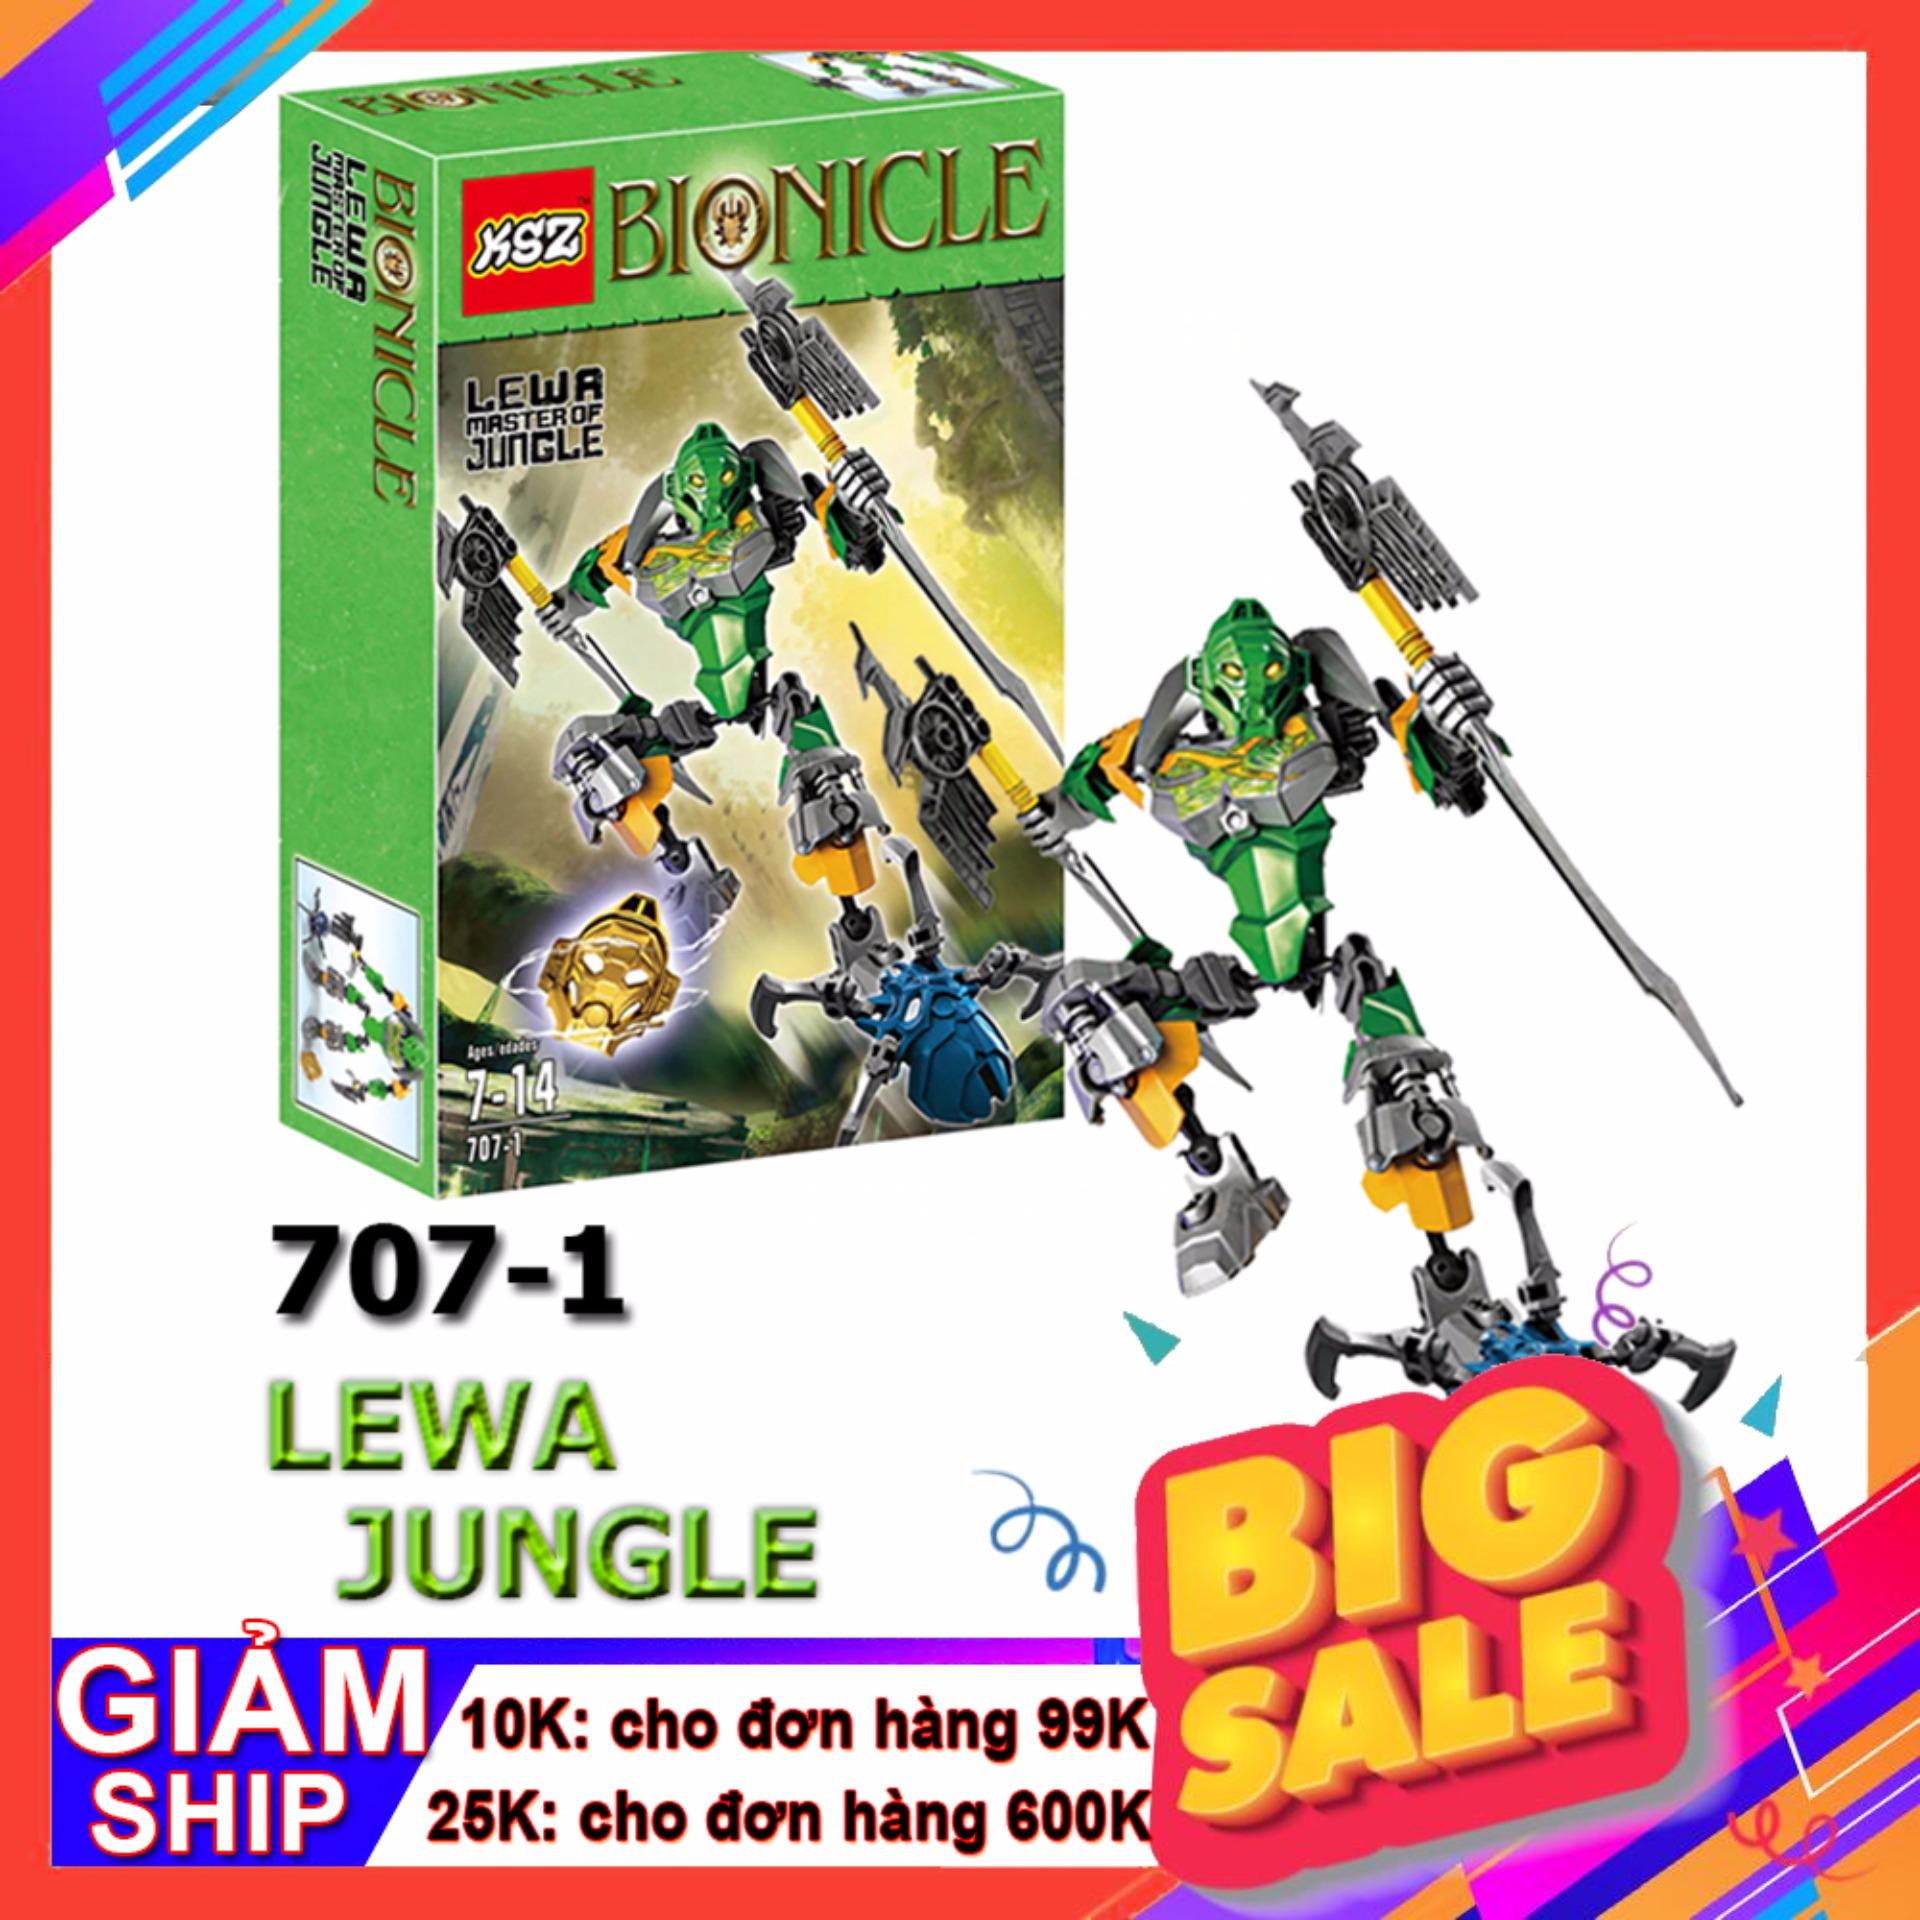 Đồ Chơi Ghép Hình Bionicle 707-1 Lewa Jungle Sức Mạnh Rừng Xanh Siêu Khuyến Mại